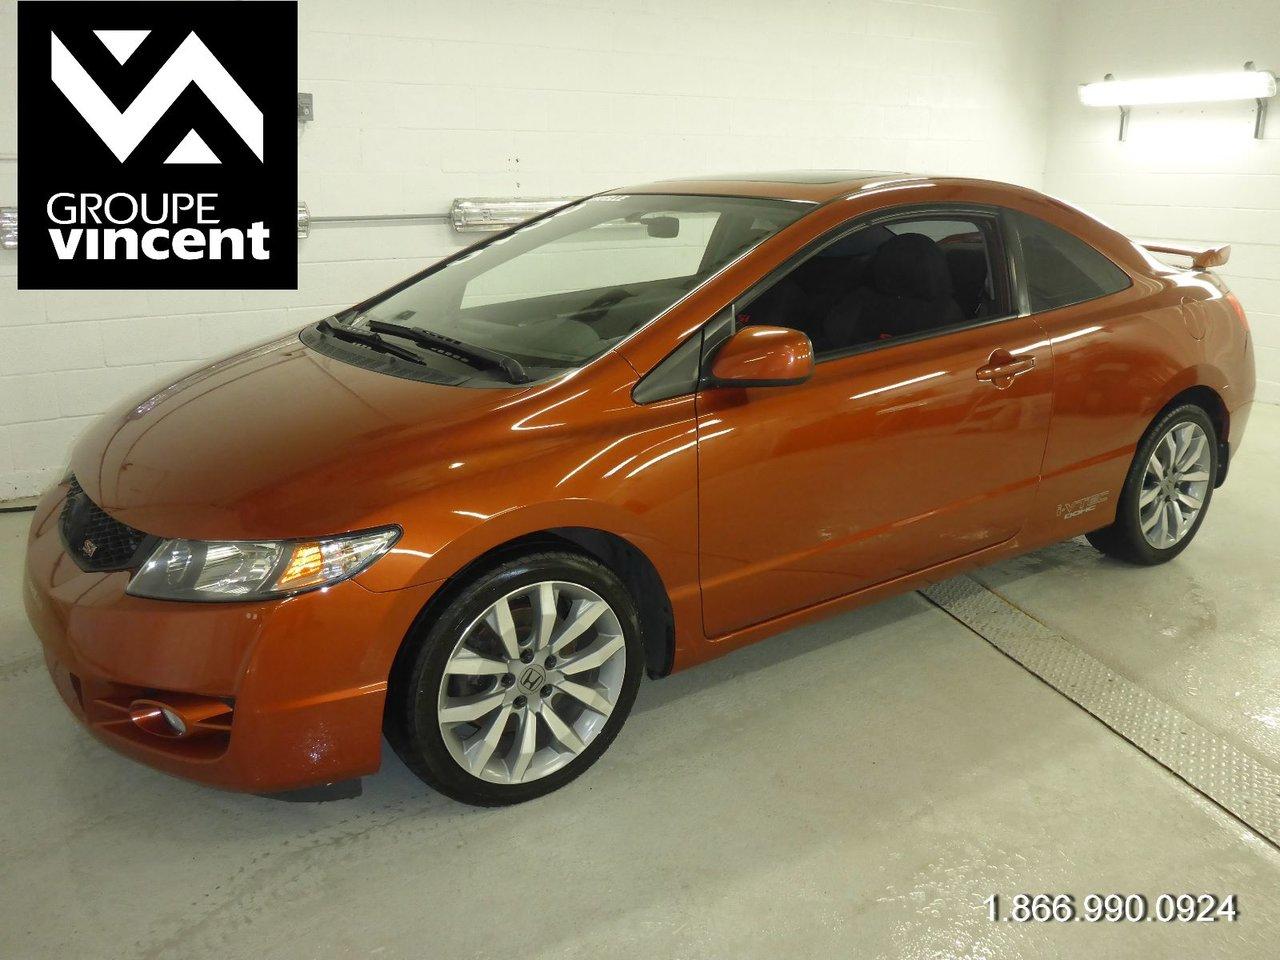 Honda Civic 2010 SI COUPE CRUISE AIR Garanti 10 ans / 200 000 KM